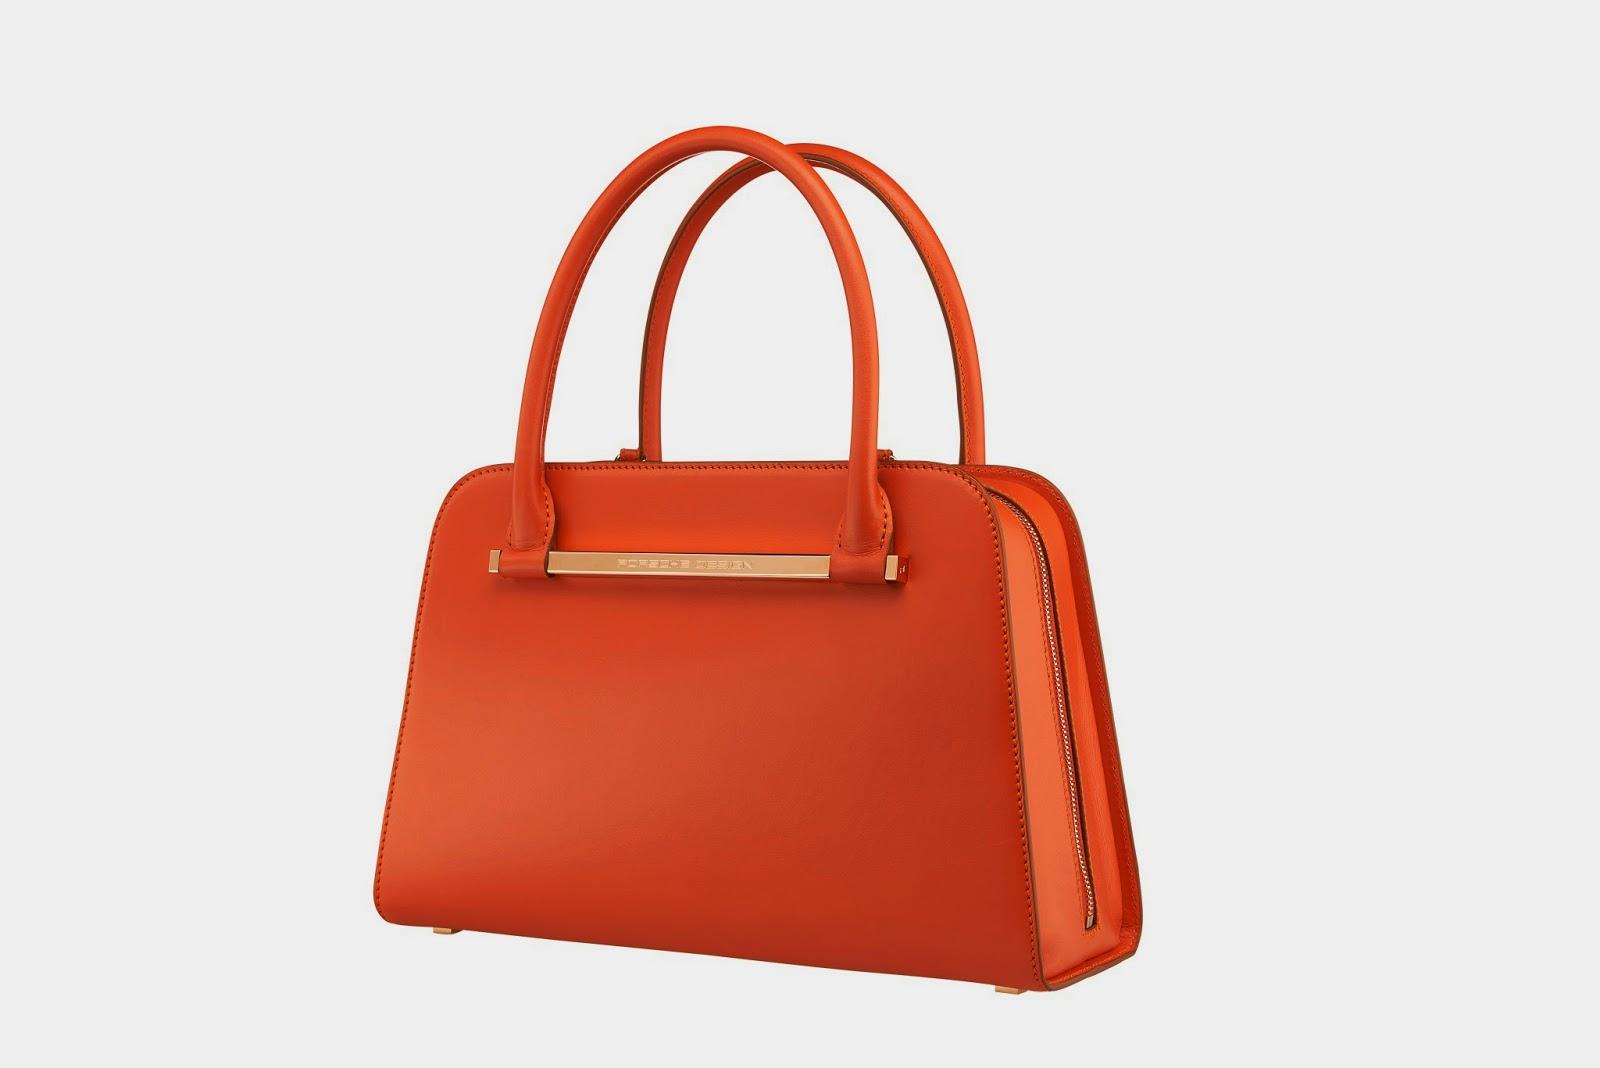 Porsche Design TwinBag Evening Women Handbags vs. Louis Vuitton